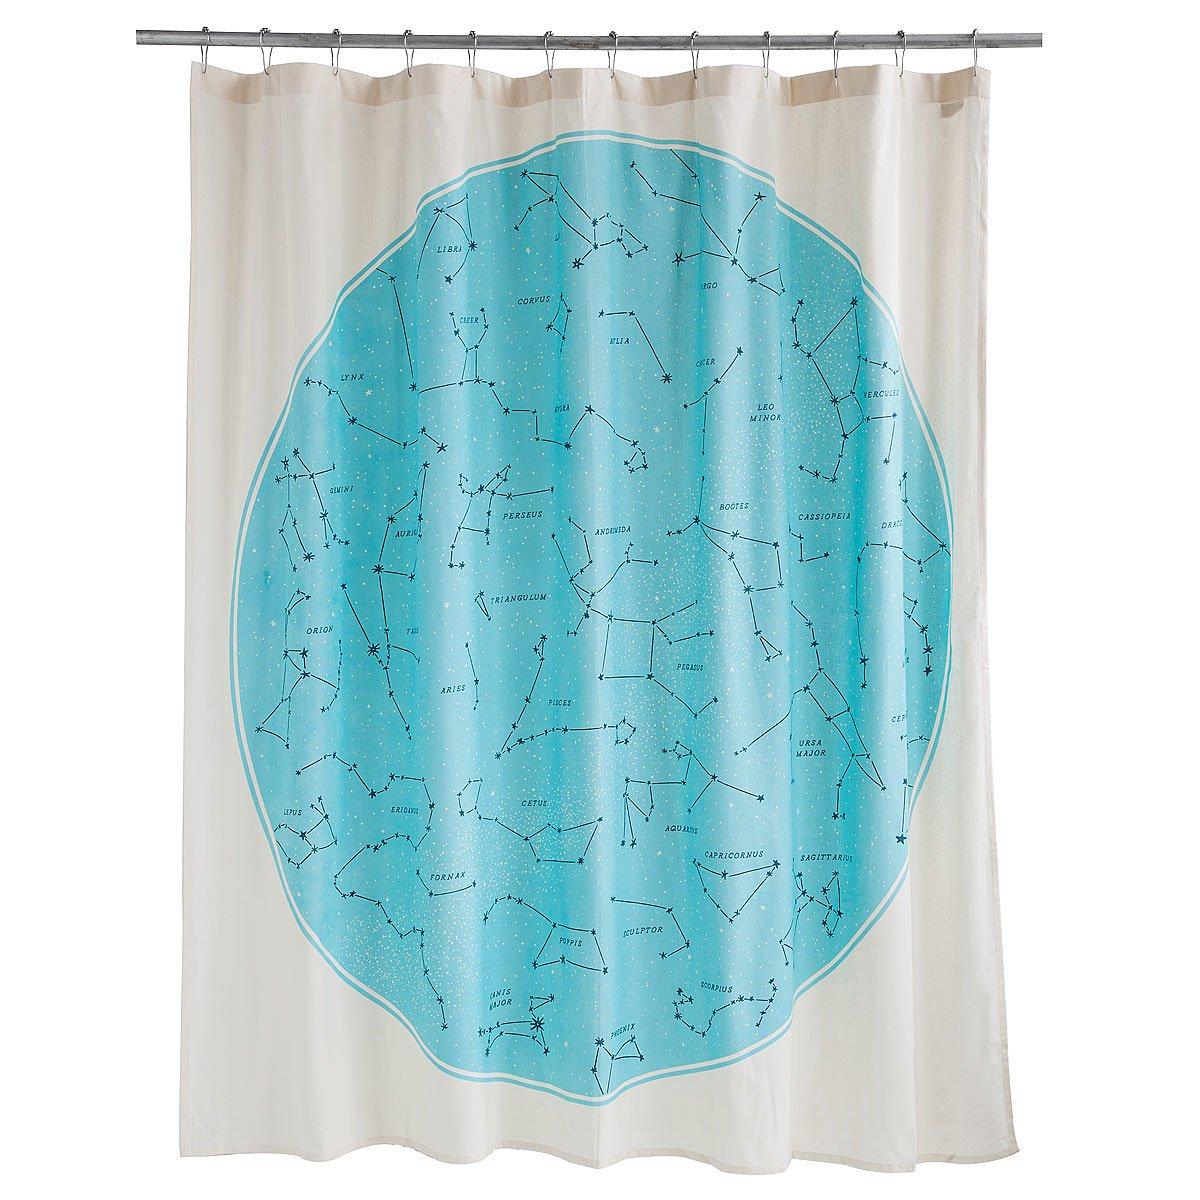 Birch tree shower curtains - Galaxy Shower Curtain